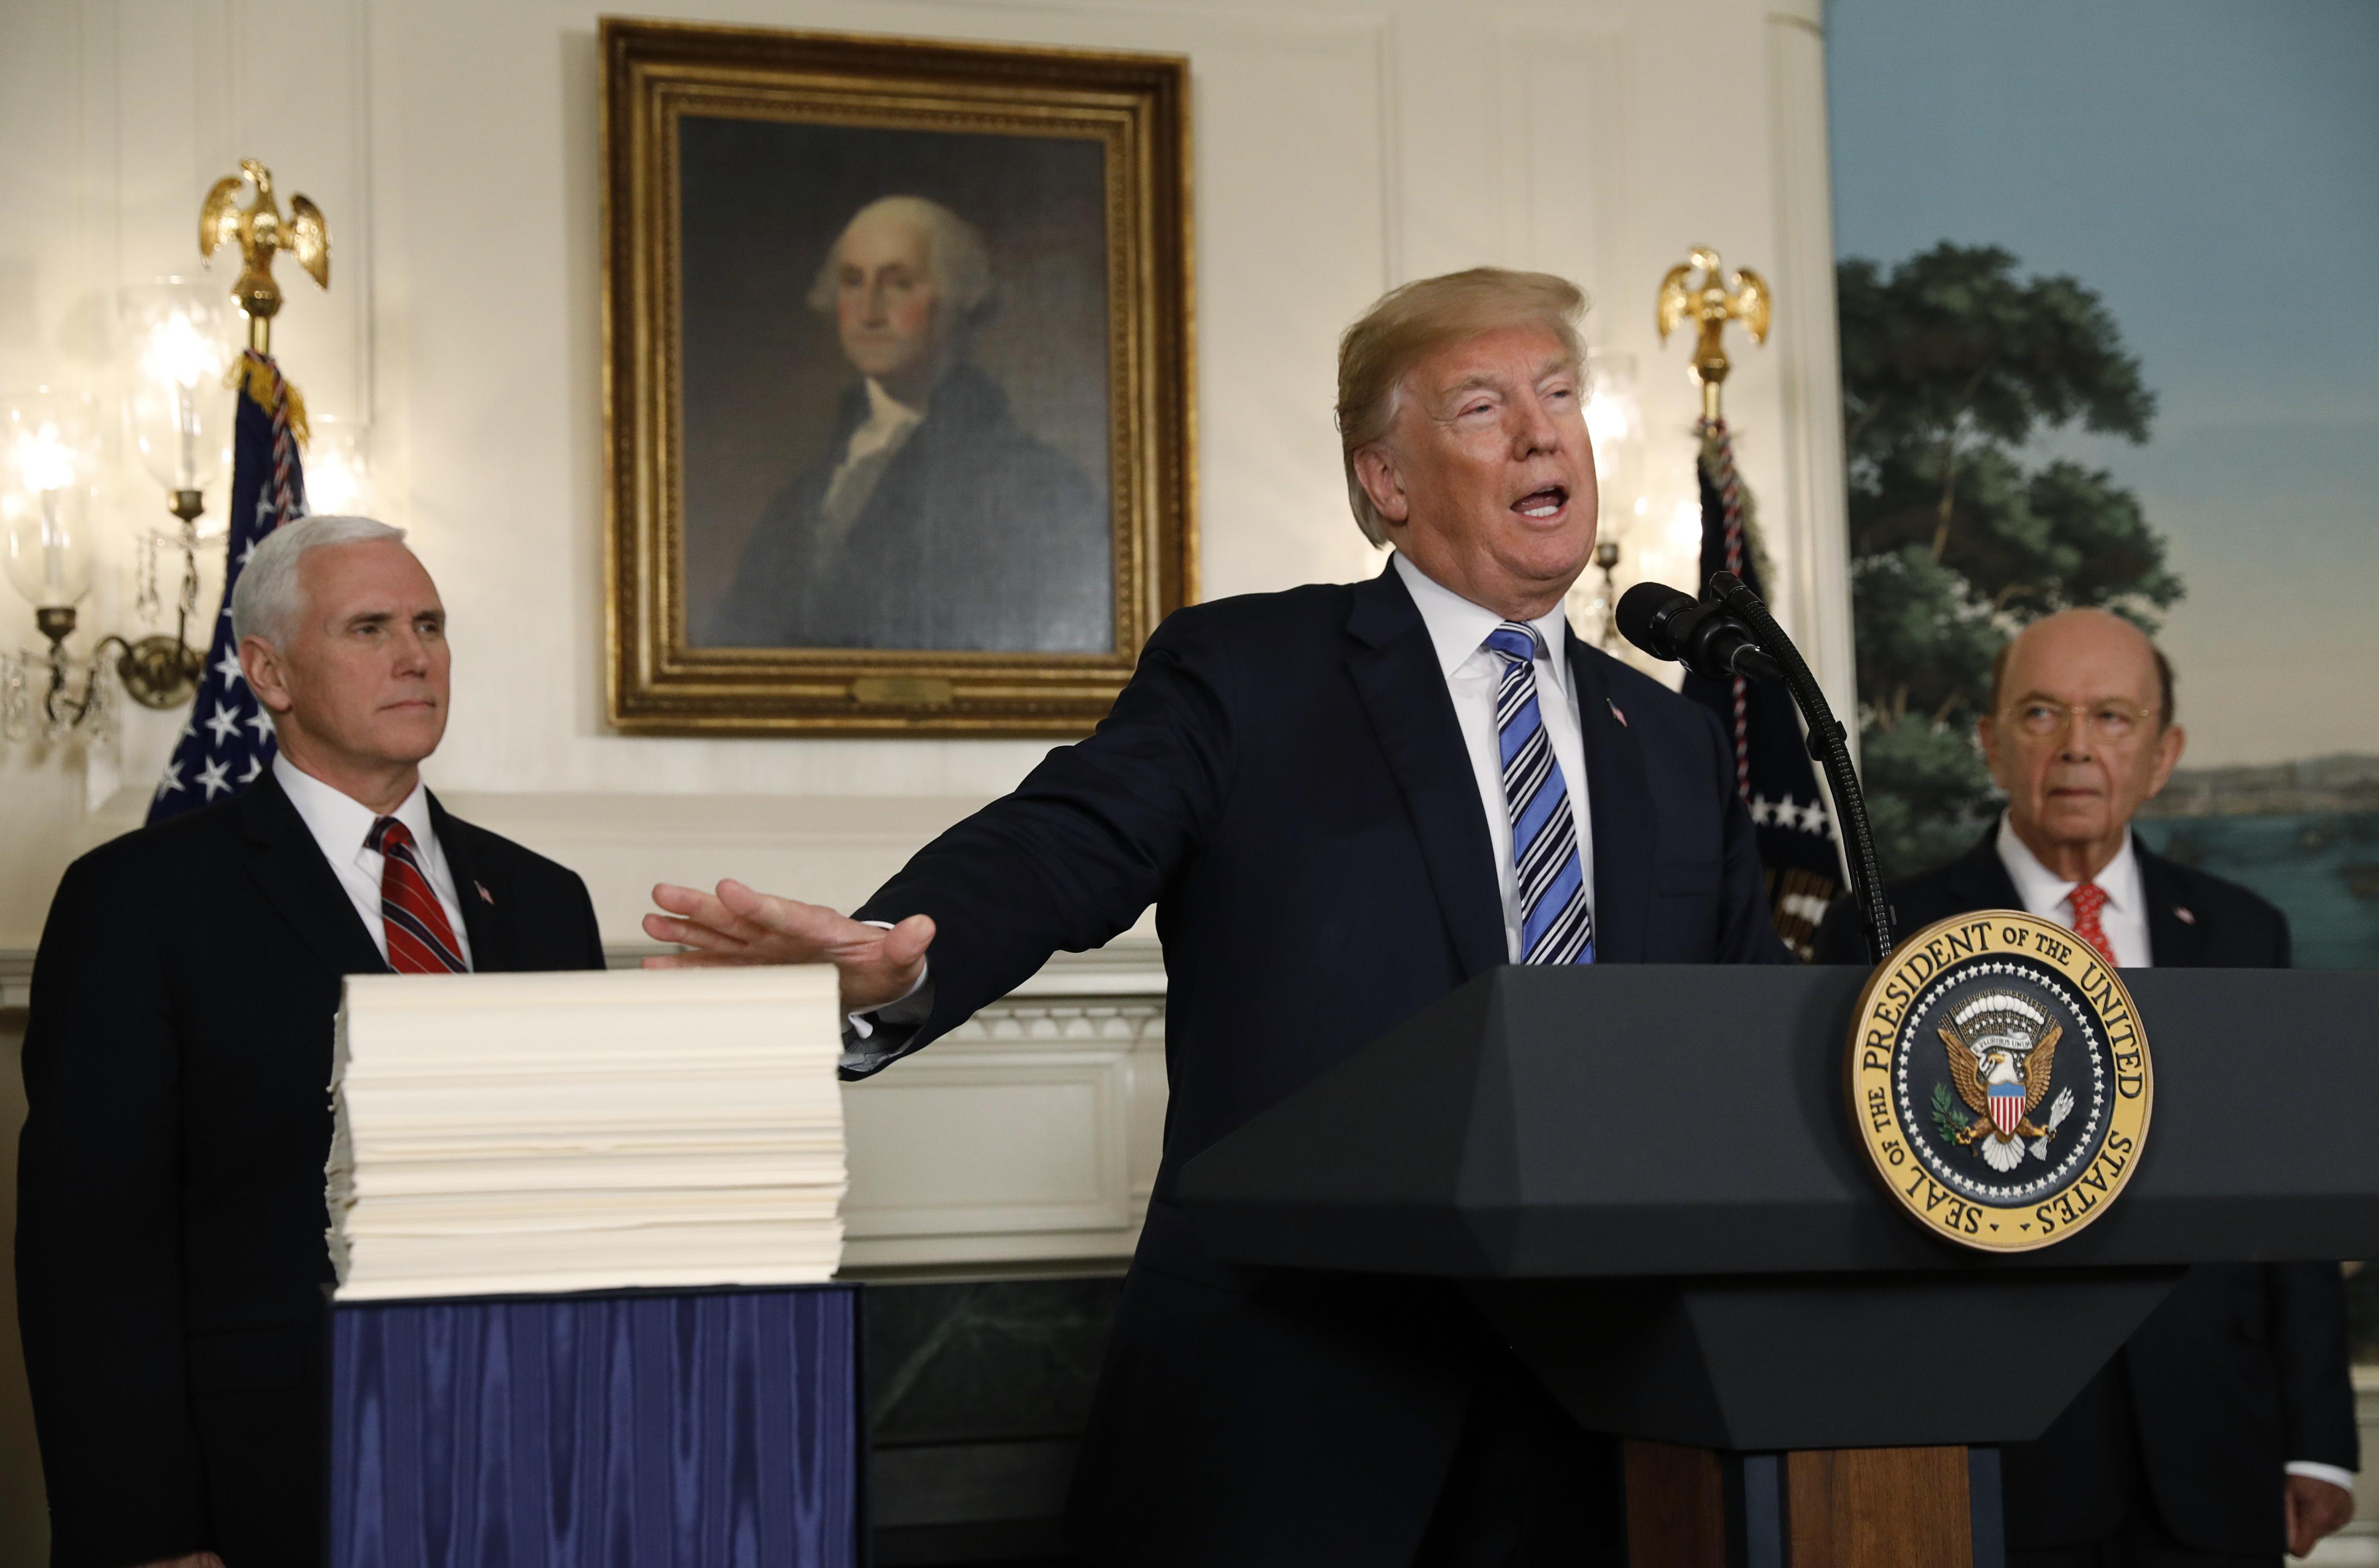 Après l'UE, les Etats-Unis infligent un nouveau revers au Polisario La loi budgétaire promulguée par le président Trump stipule explicitement  que les fonds alloués au Maroc sont également utilisables au Sahara